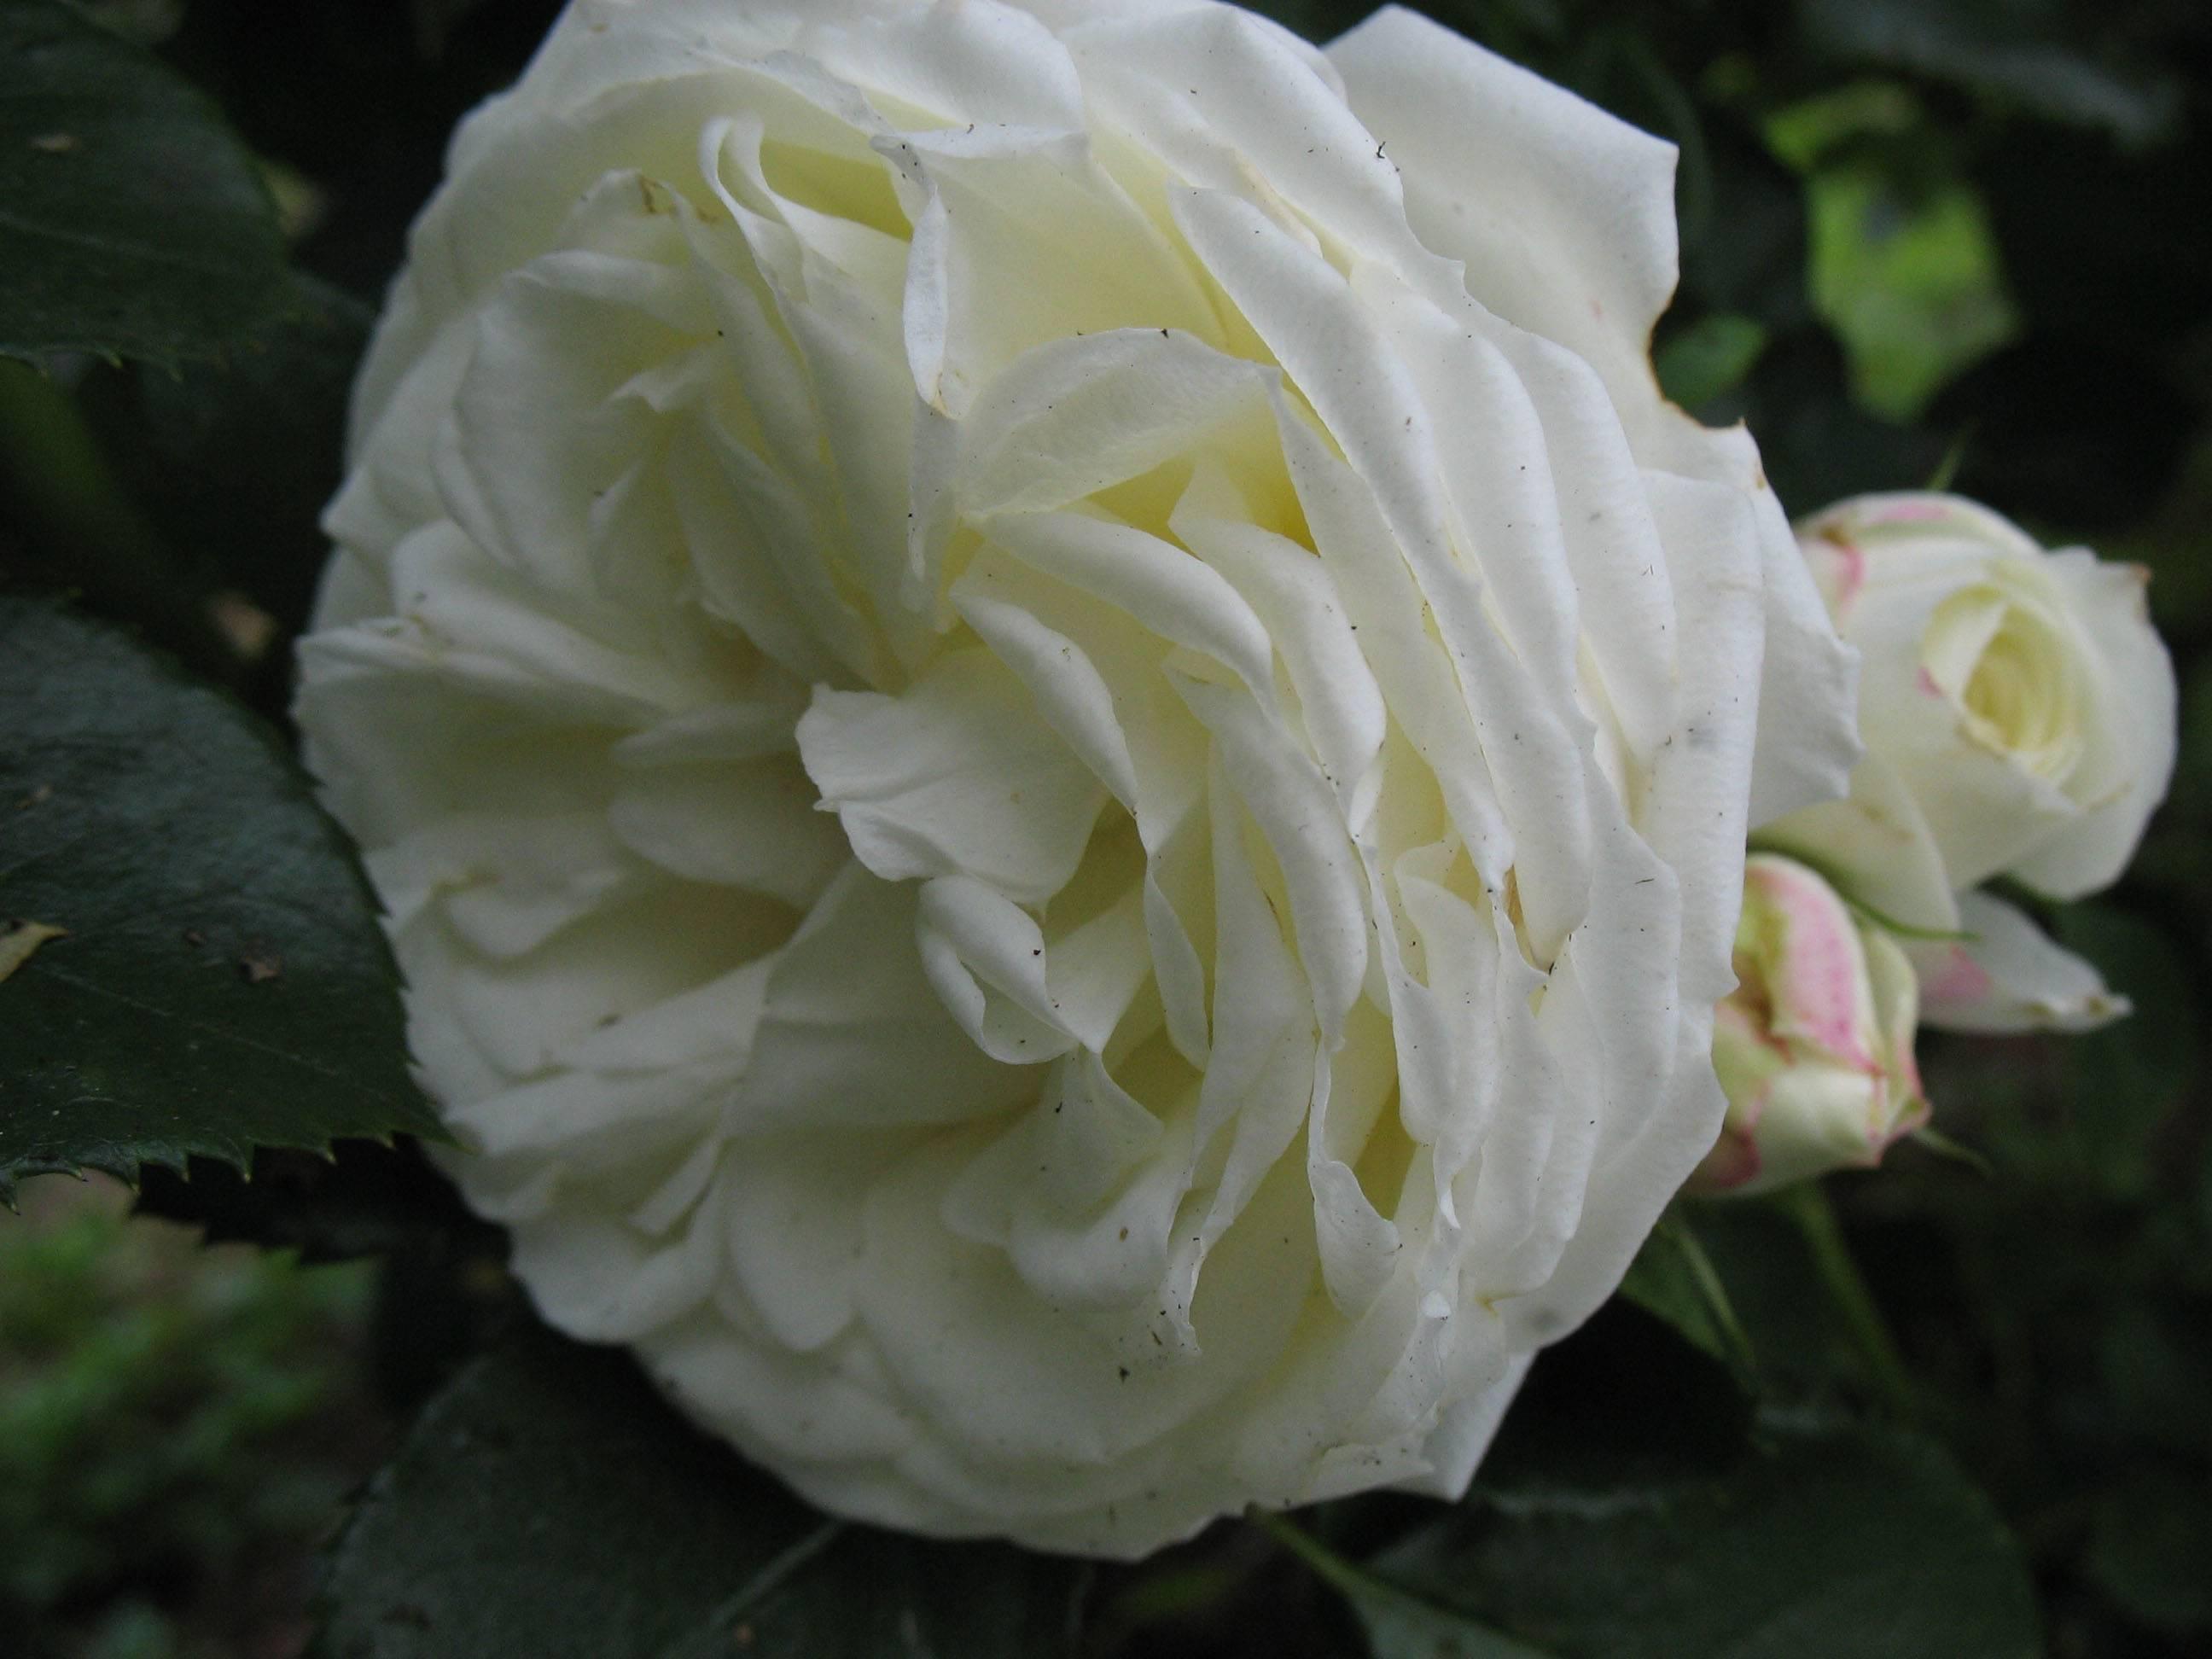 Роза чайно-гибридная vanilla. роза чайно-гибридная vanilla общая информация и история создания сорта